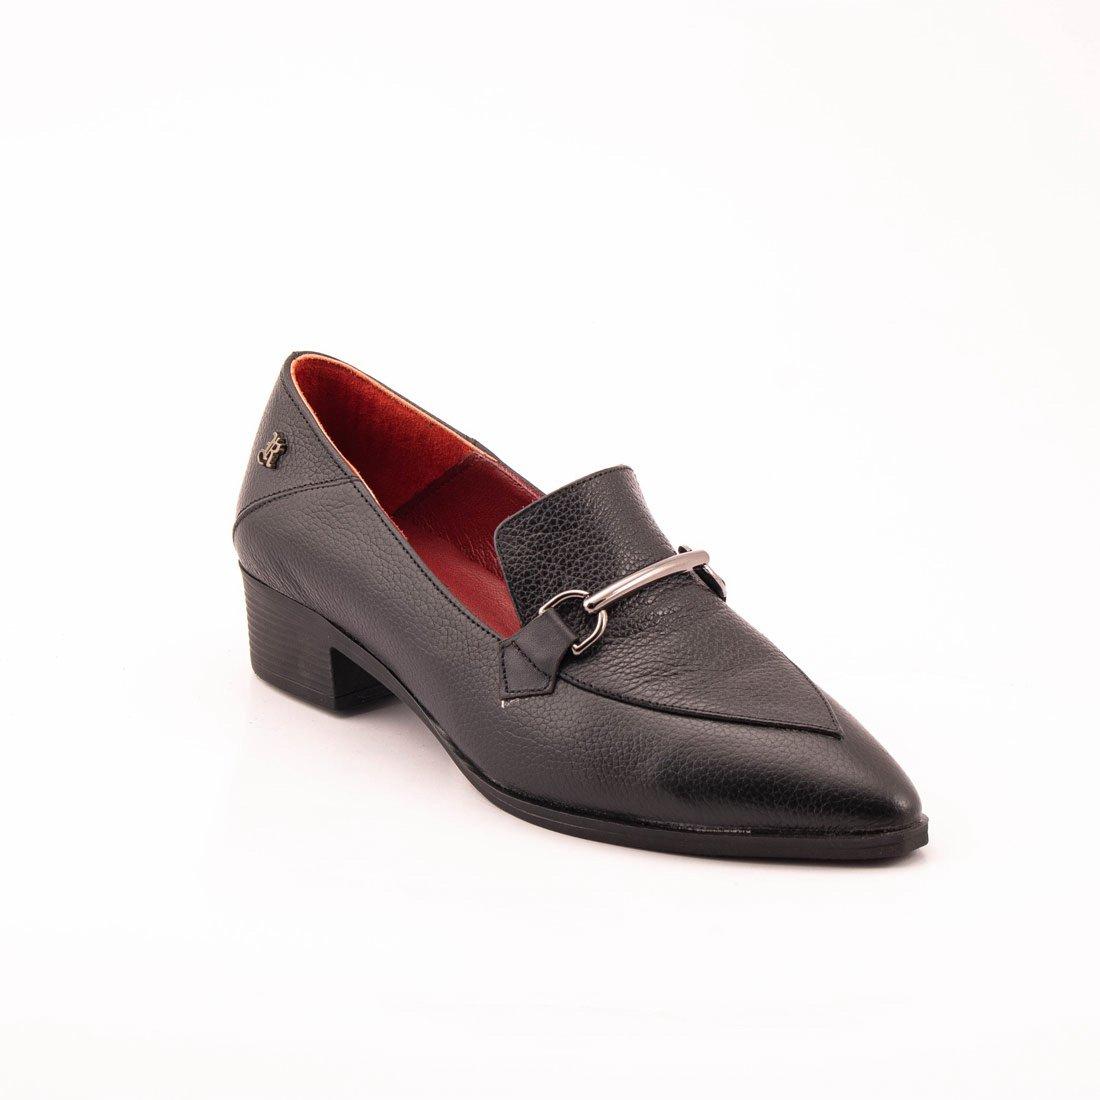 زنانه کفش رایکا کد591